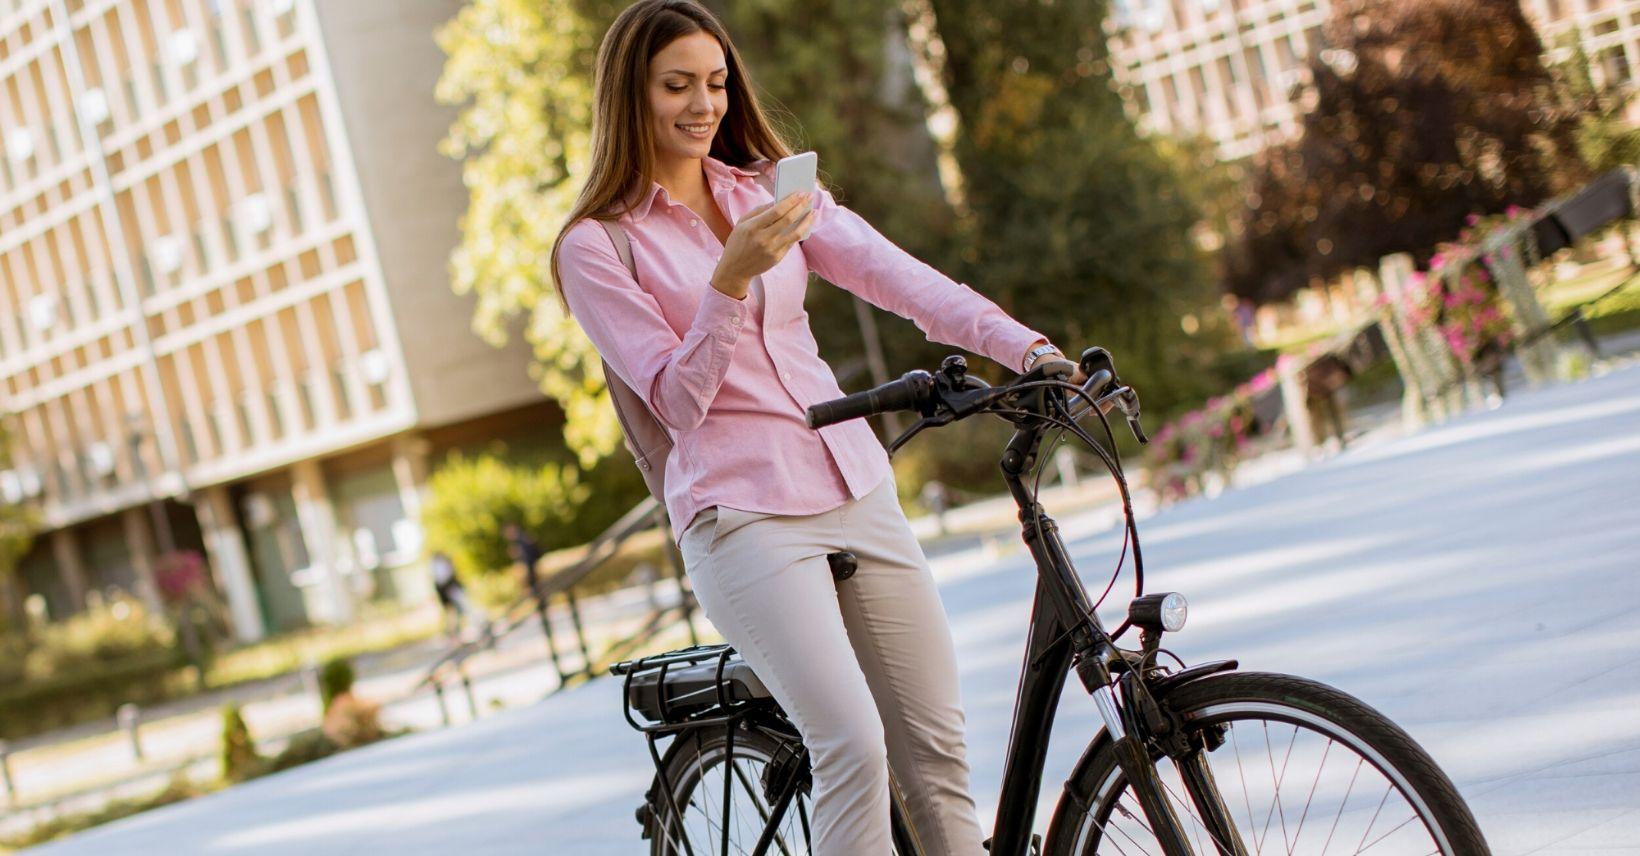 Bienvenue sur le blog AppeBike : Le blog des conseils et infos sur la micro-mobilité et le vélo electrique